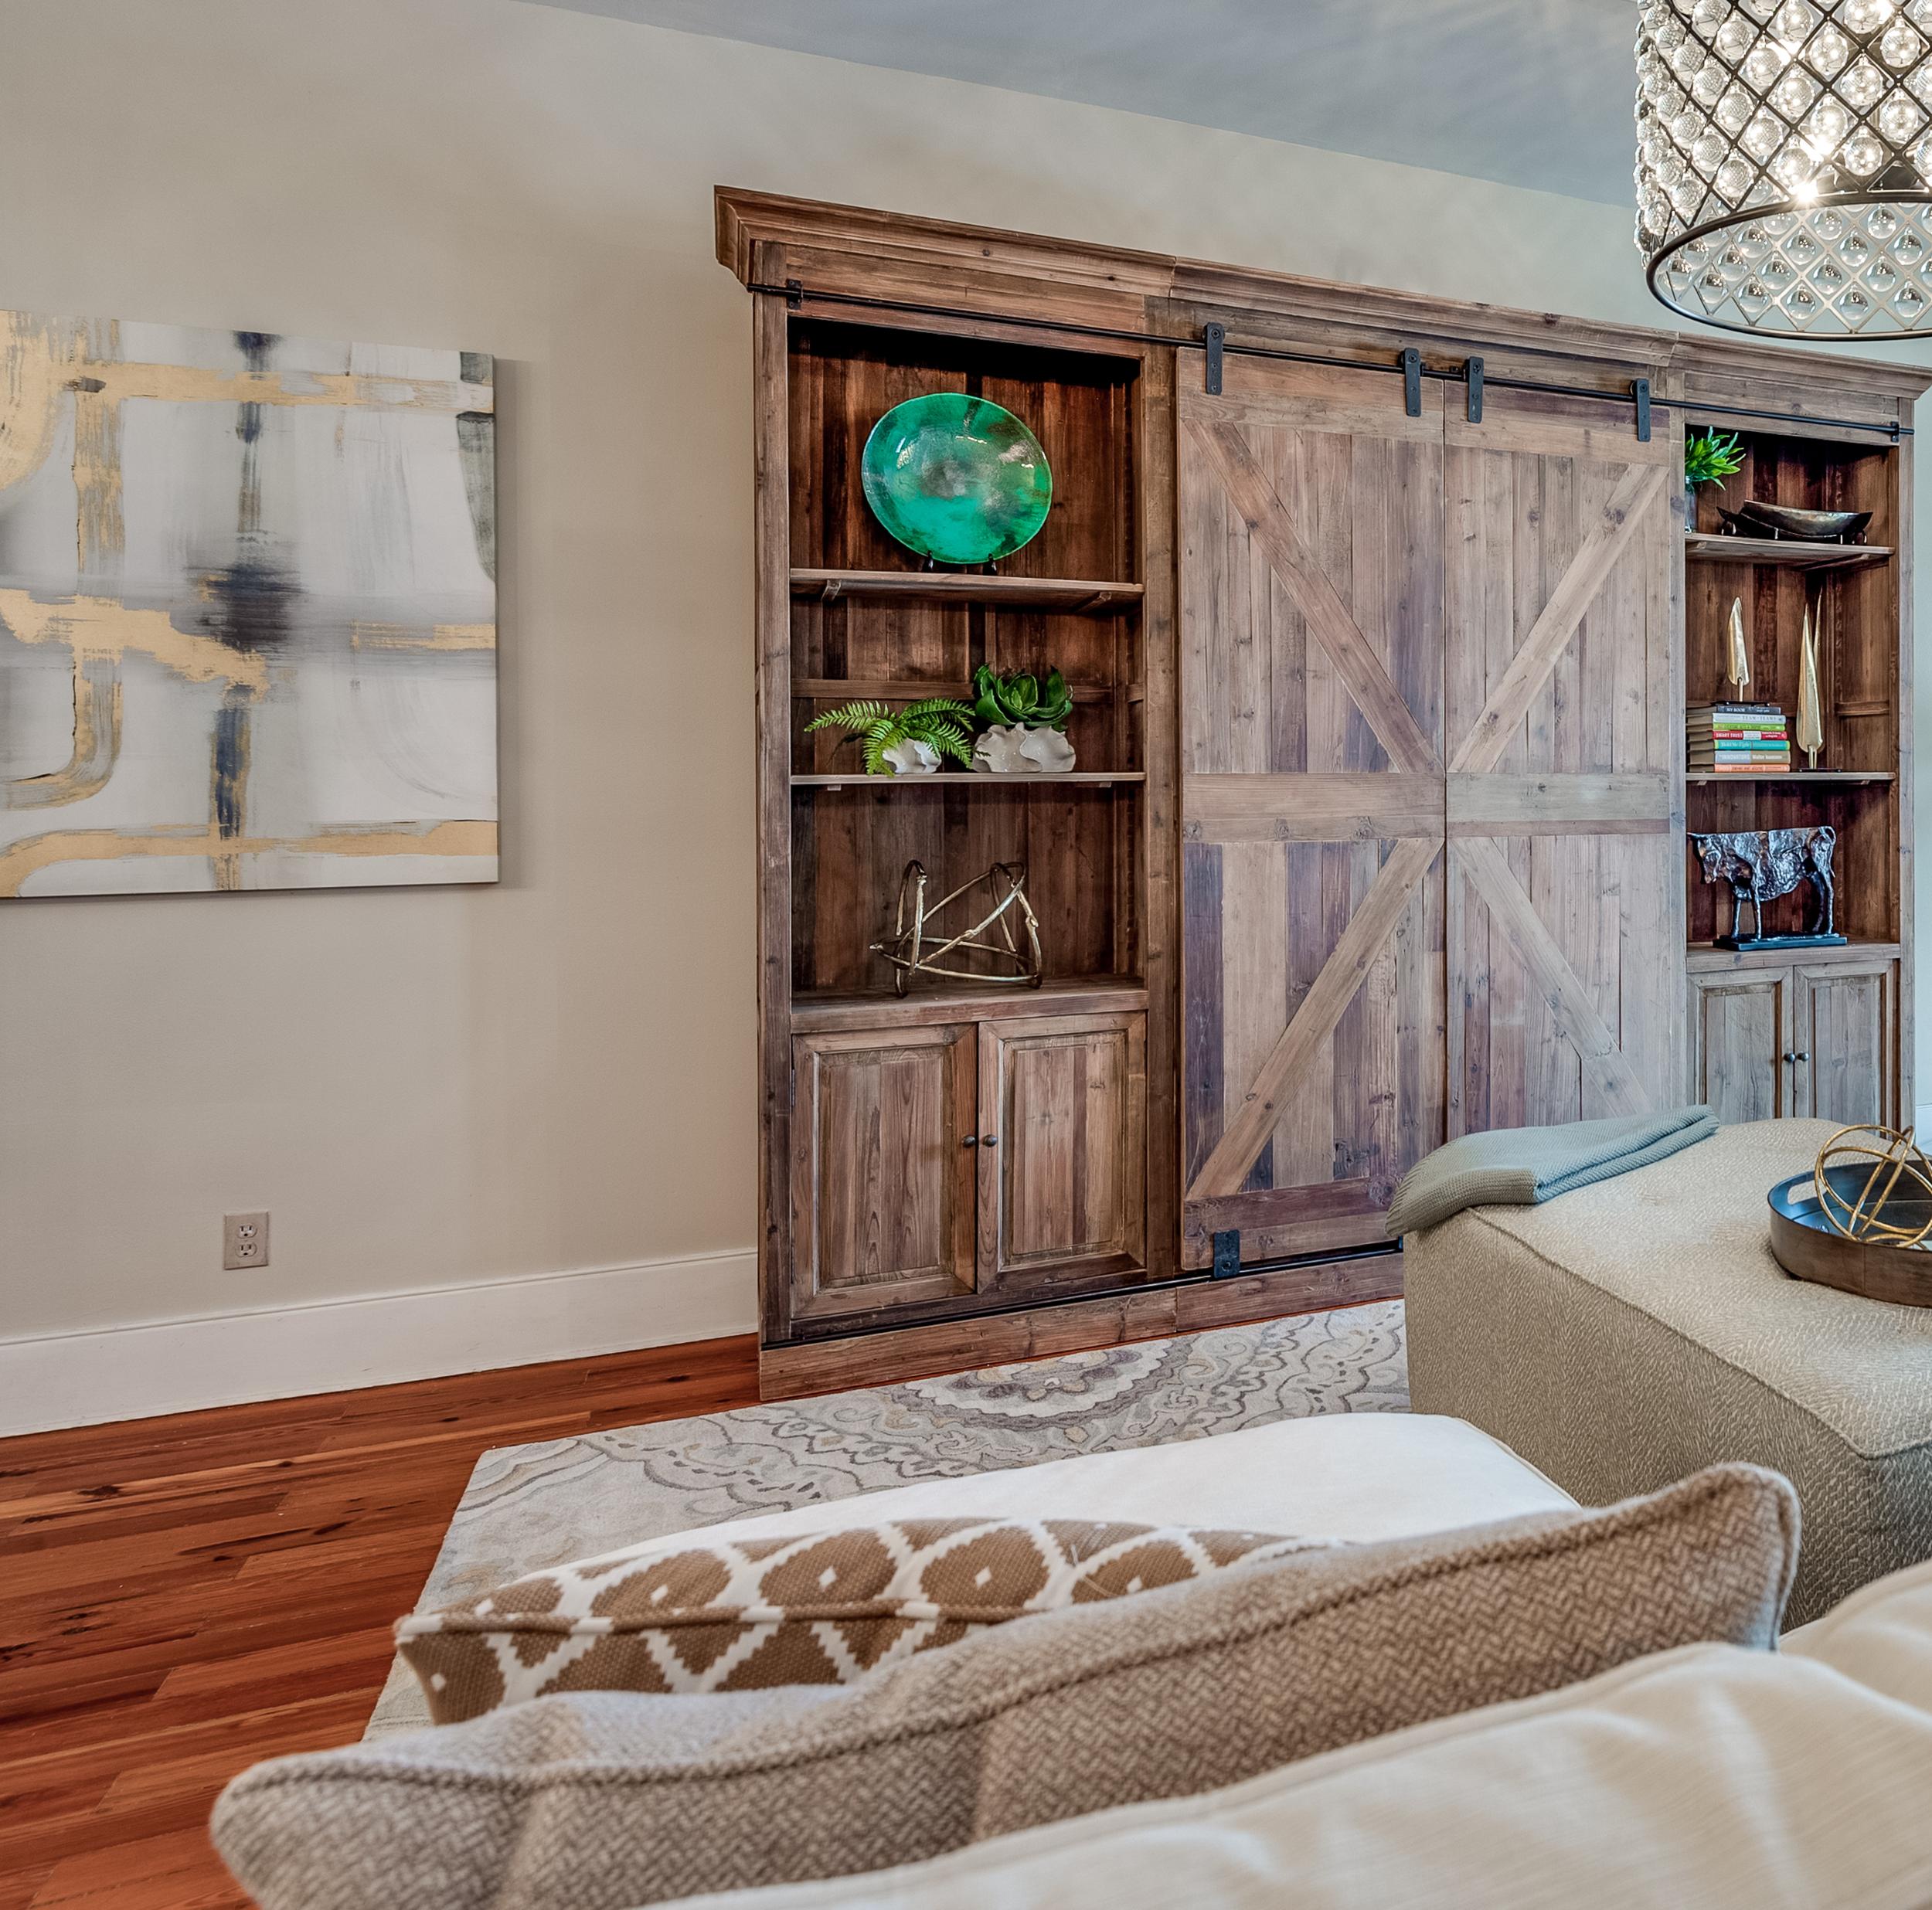 khb interiors new orleans decorator metairie interior designer decorator